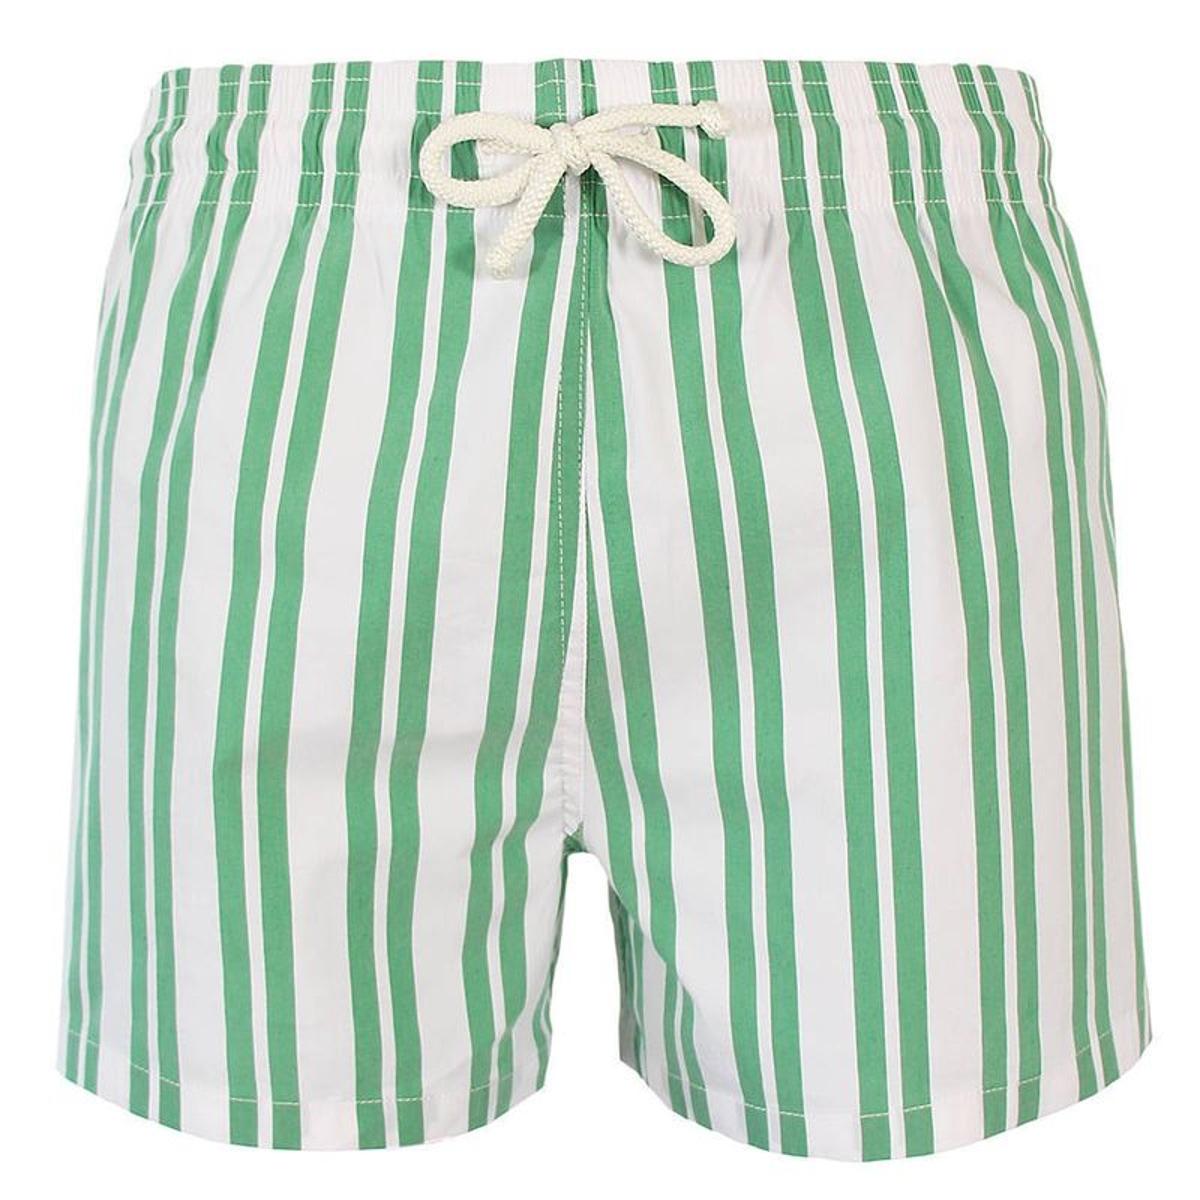 Maillot Short de bain homme John Rayure asymétrique vert et blanc